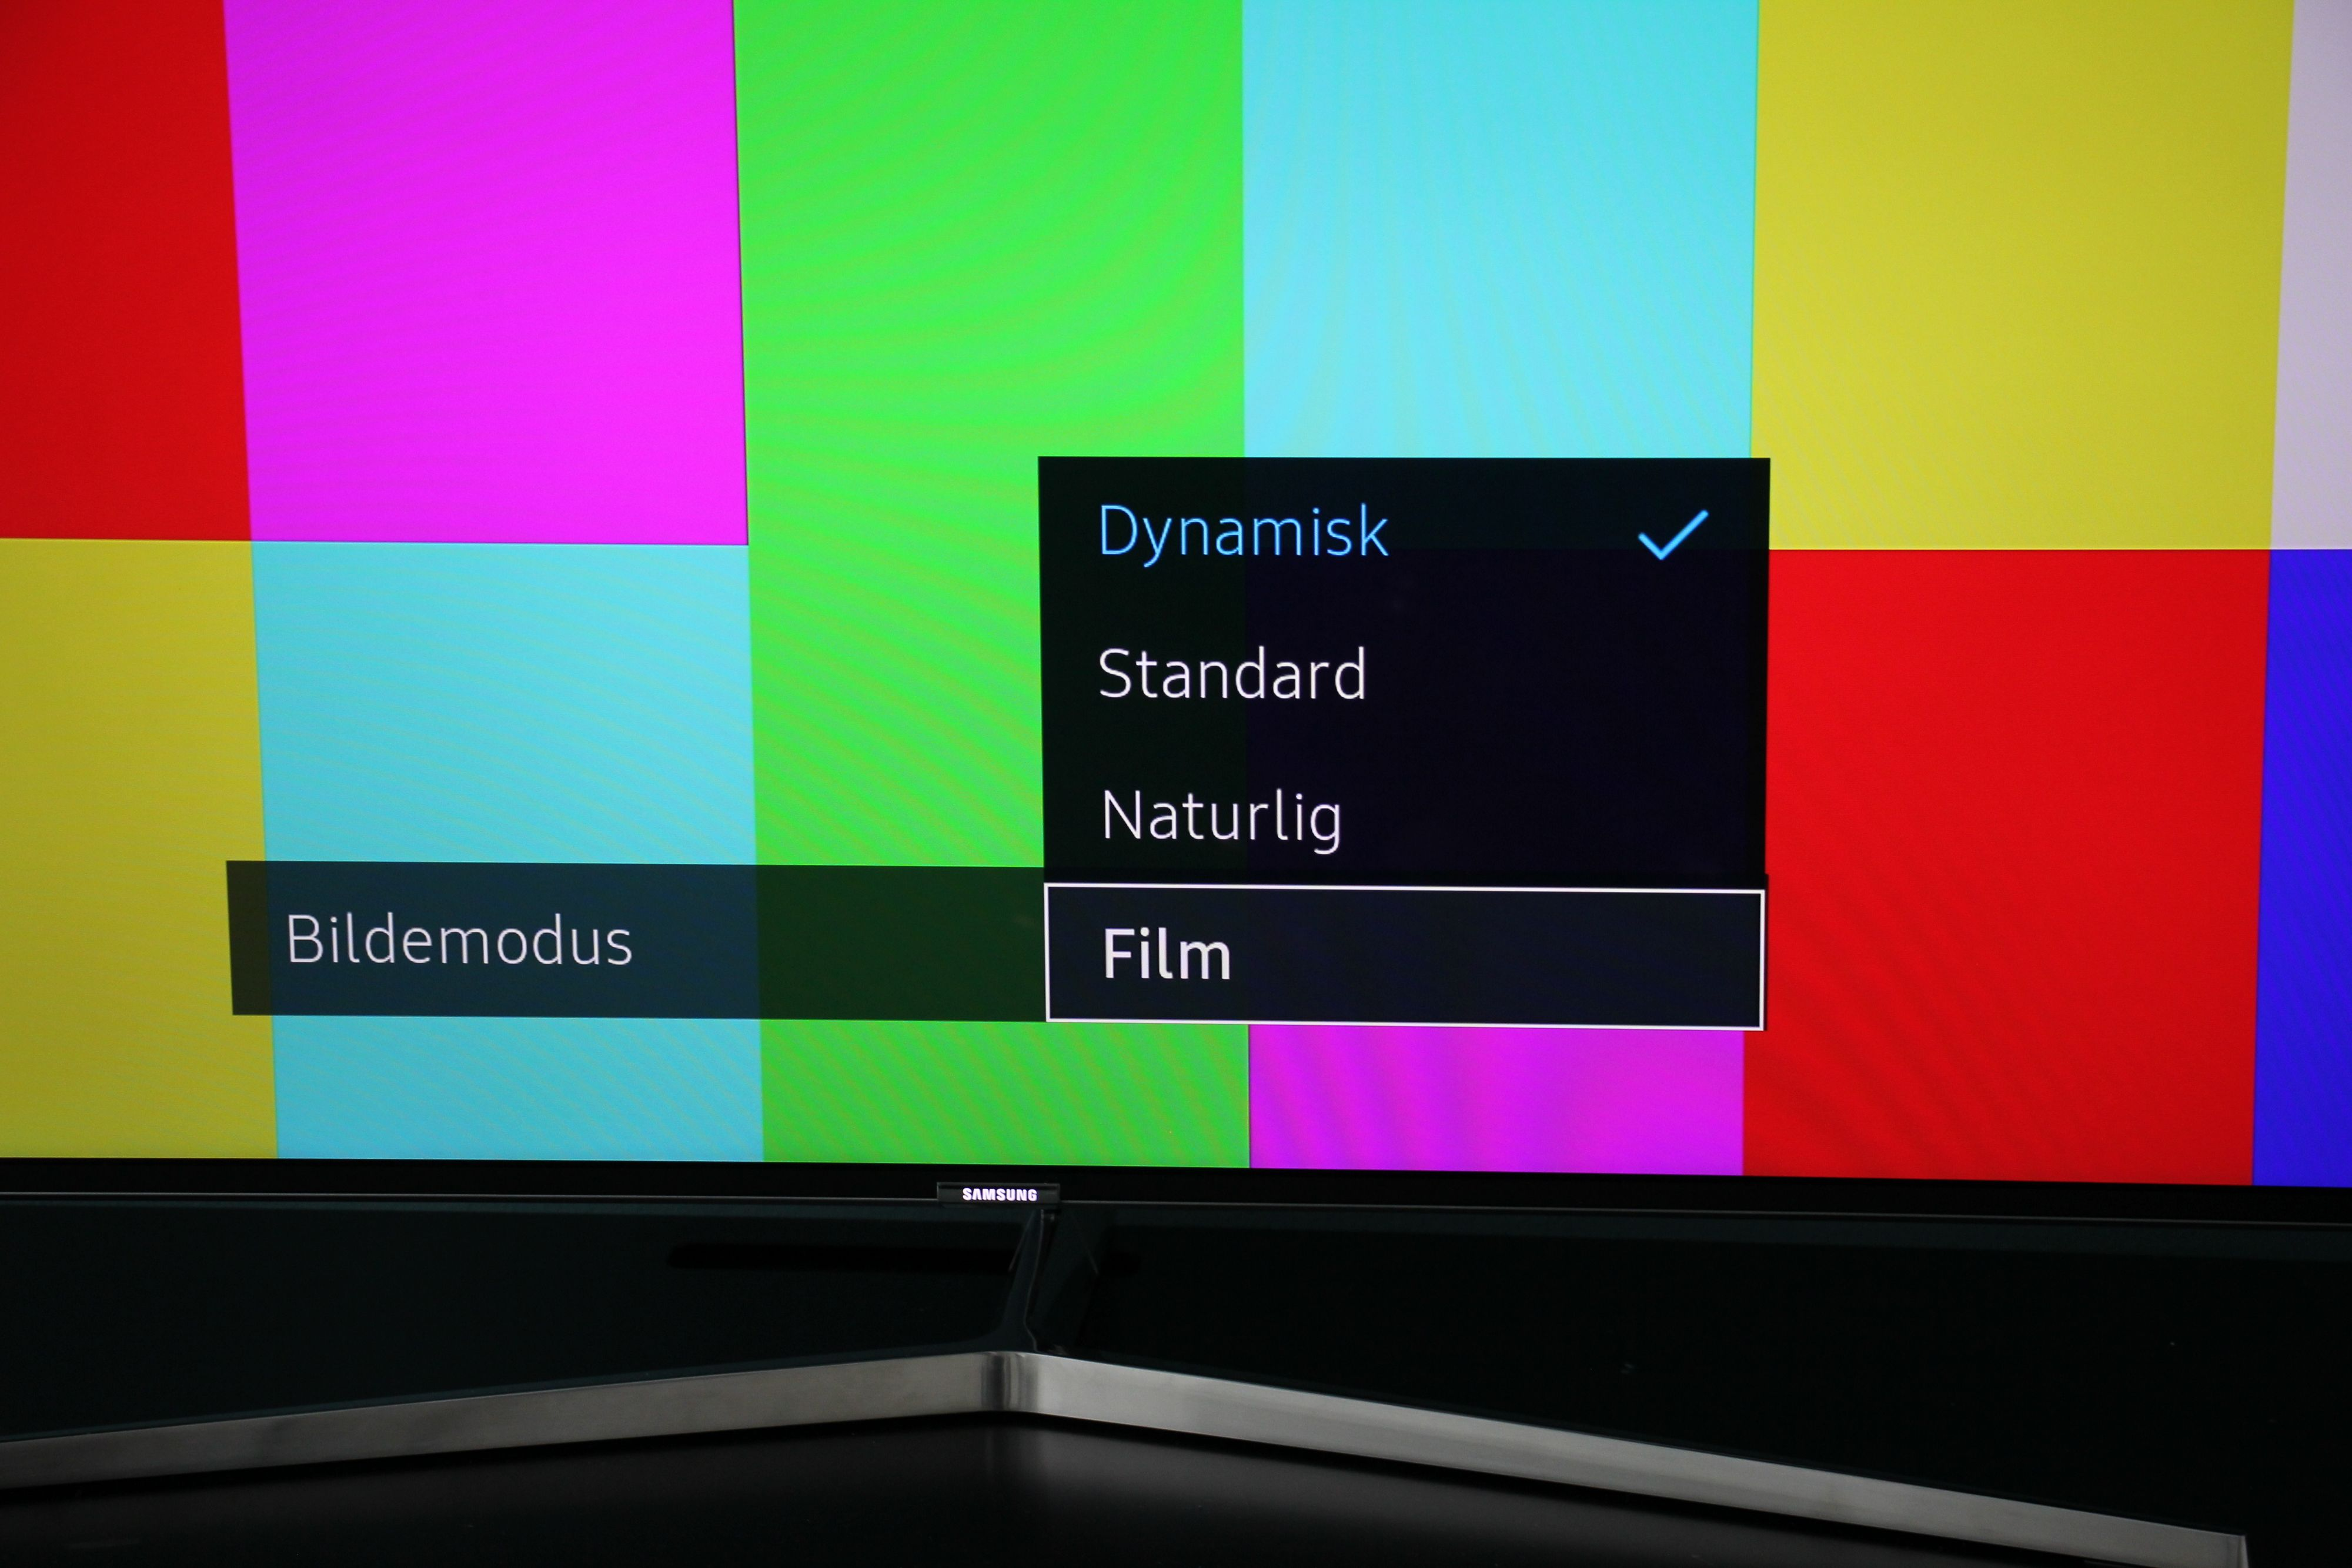 På Samsungs nye TV-er er Film den beste modusen.